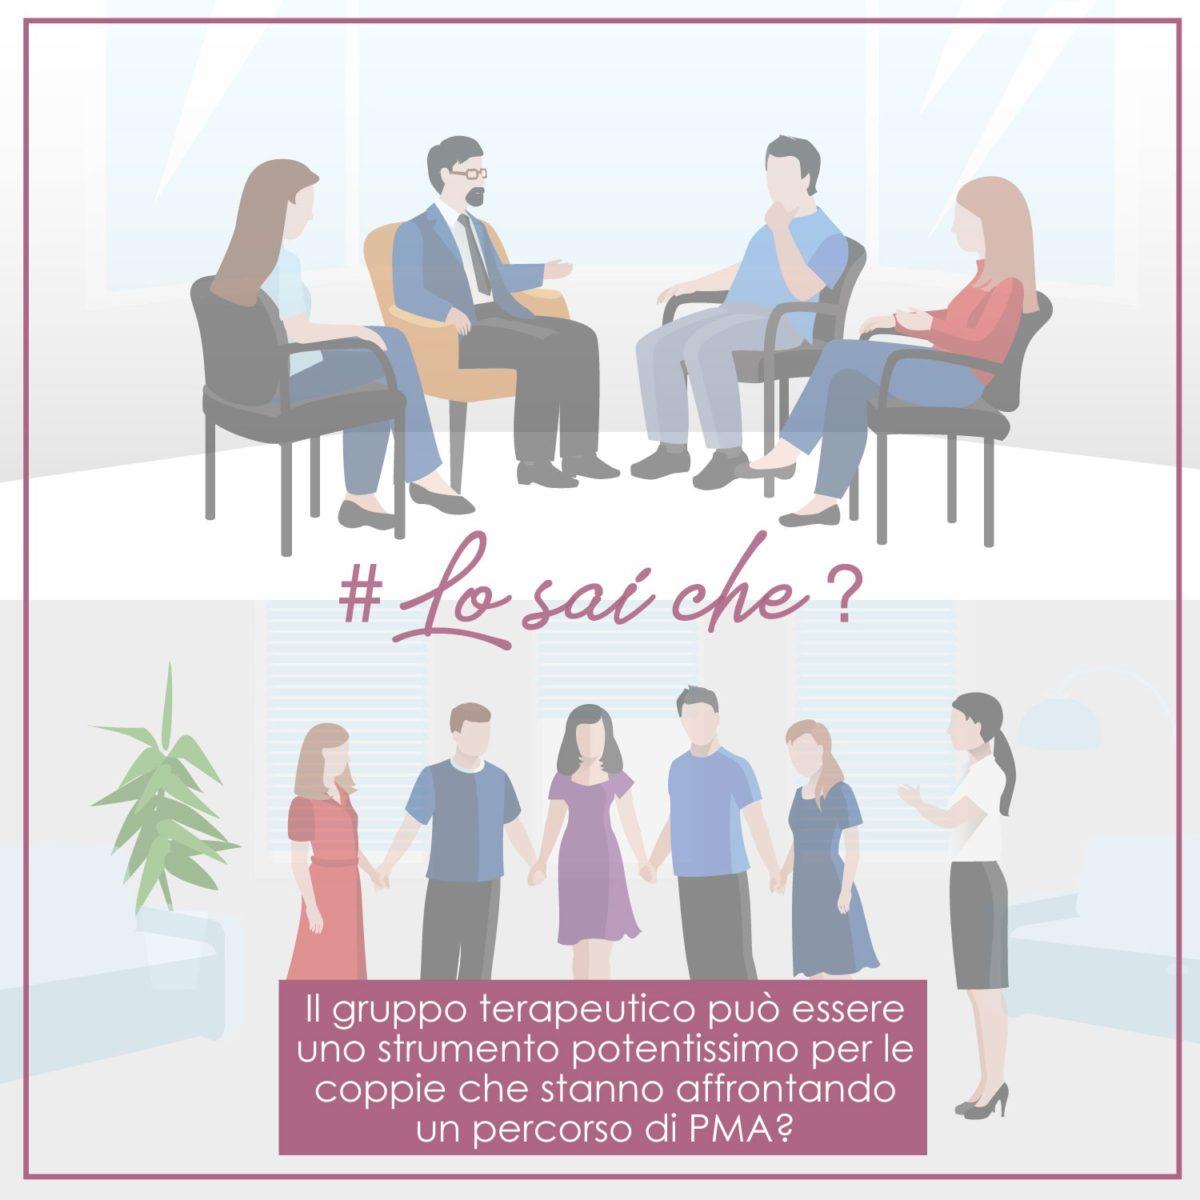 LO-SAI-CHE-Il-gruppo-terapeutico-può-essere-uno-strumento-potentissimo-per-le-coppie-che-stanno-affrontando-un-percorso-di-PMA-1200x1200.jpeg